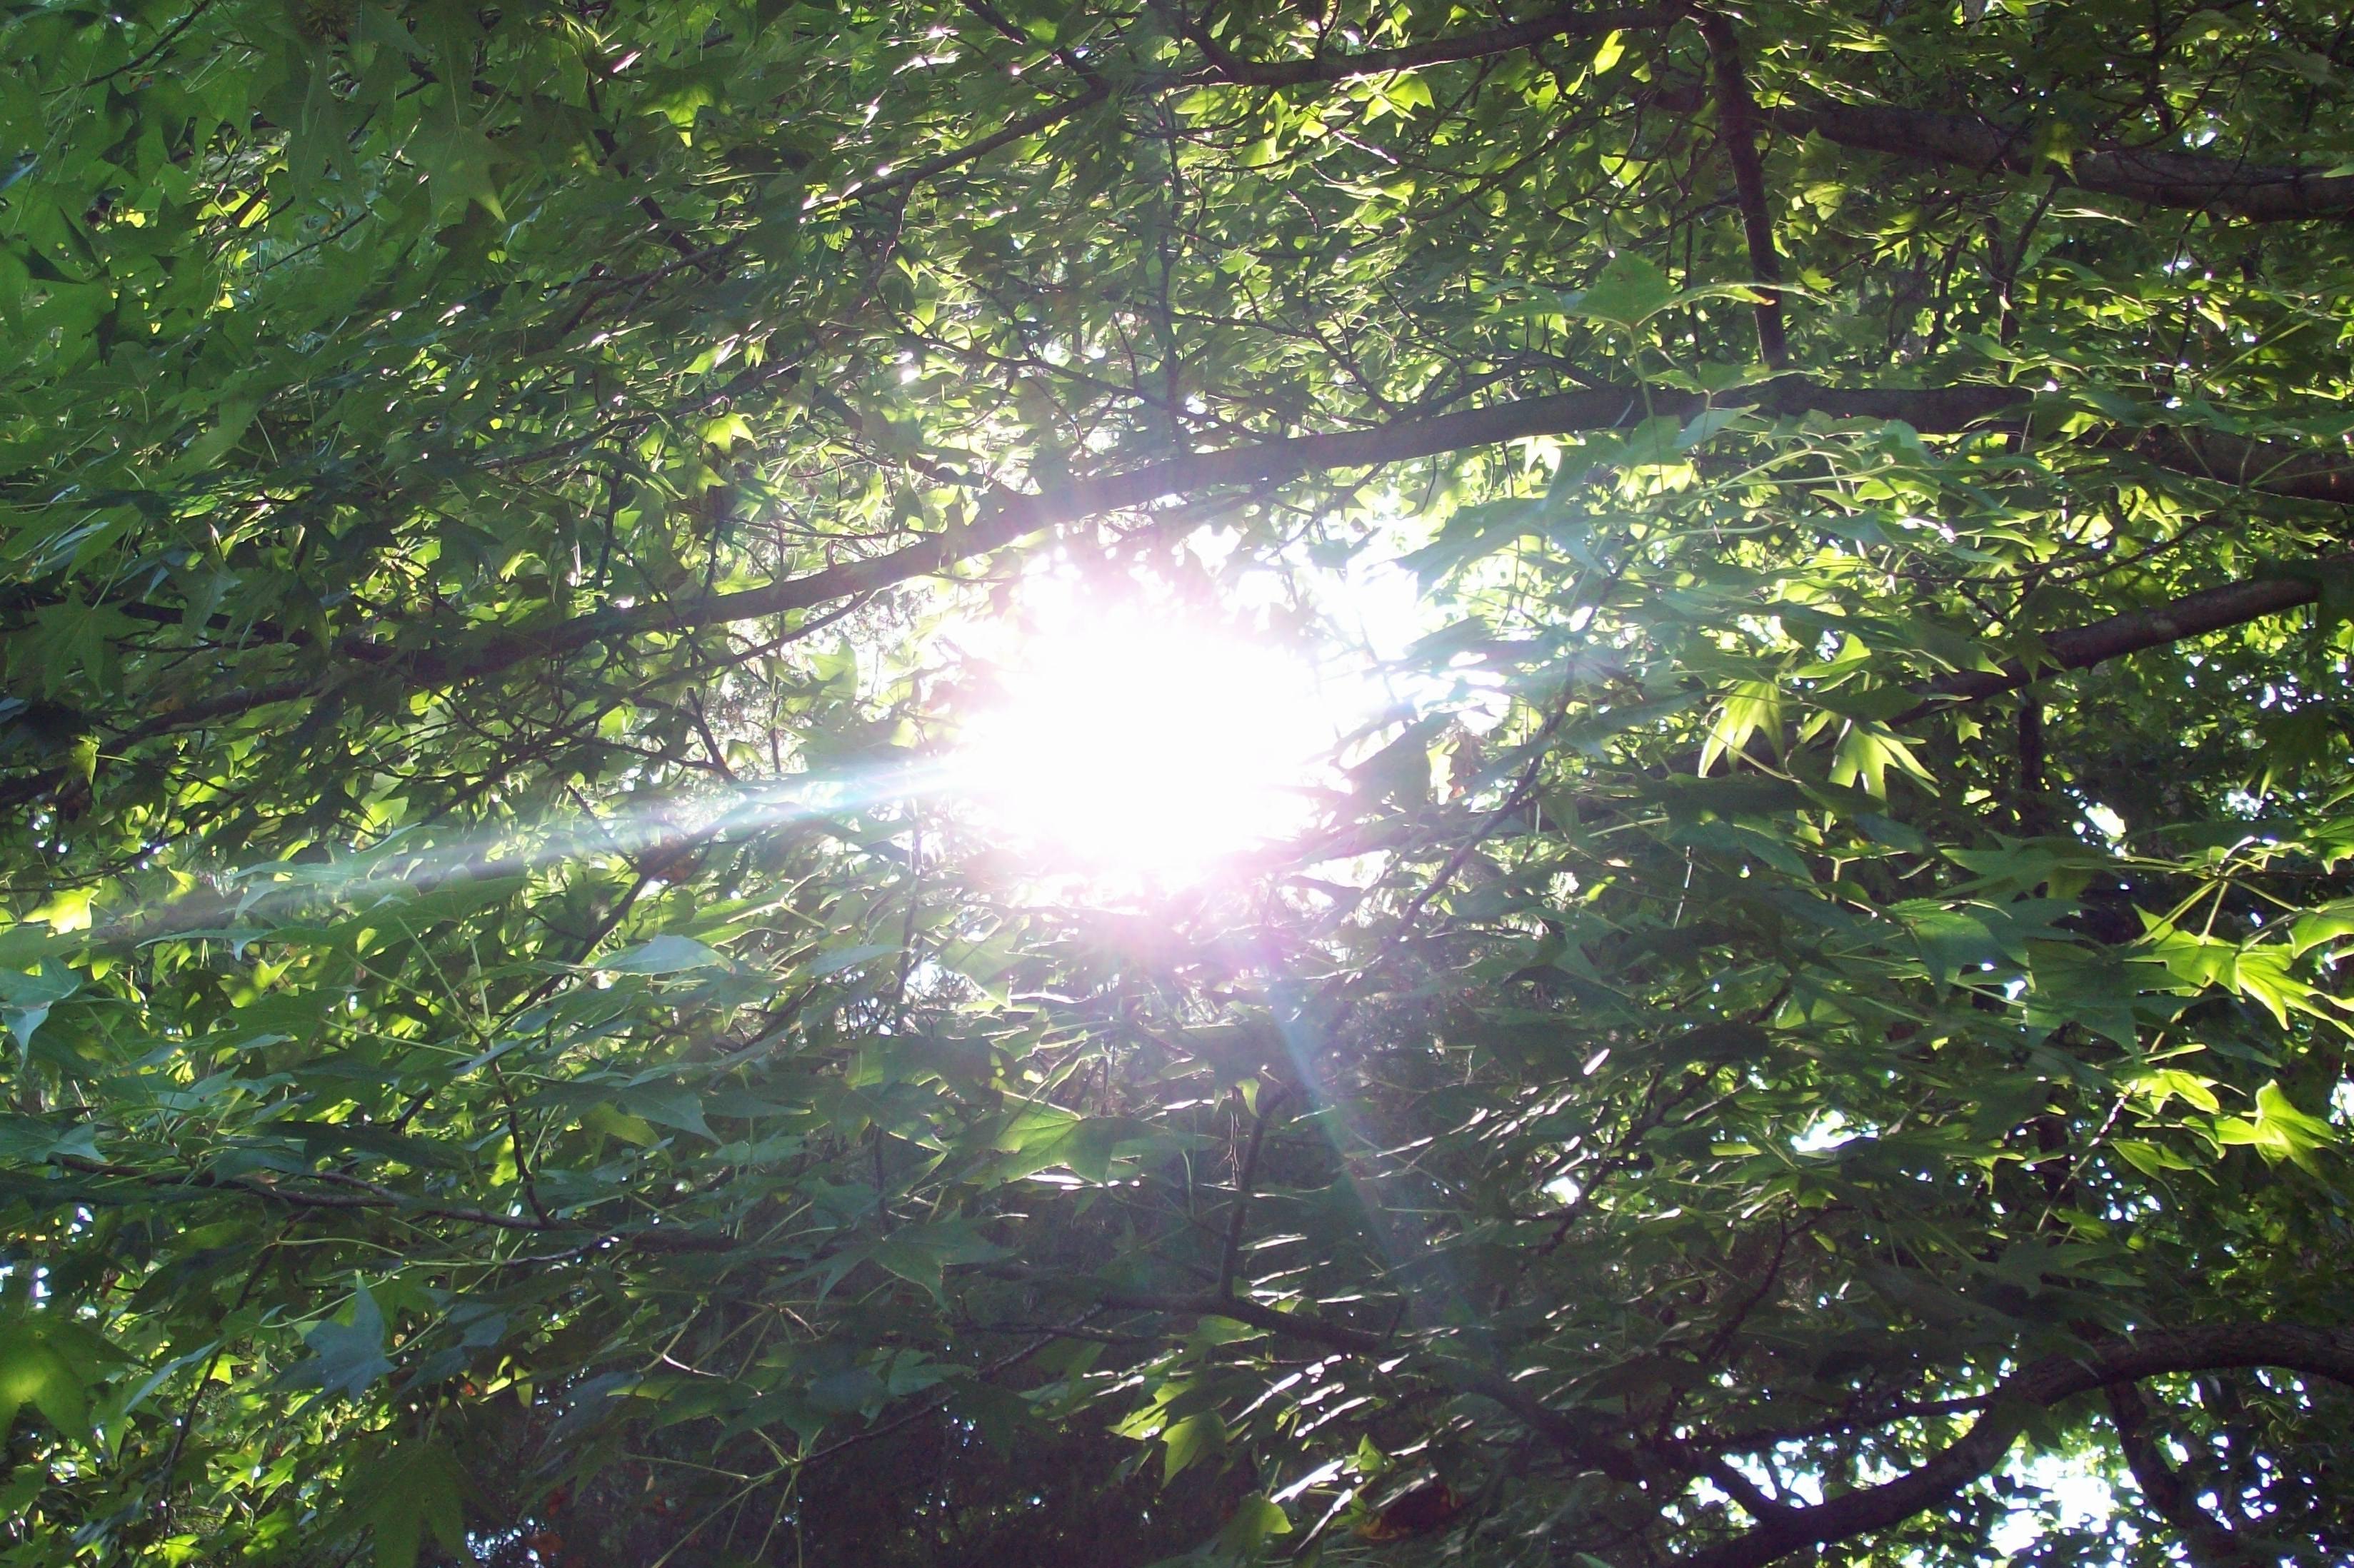 Kho ảnh miễn phí về cây xanh đậm, tia nắng, Tia nắng mặt trời